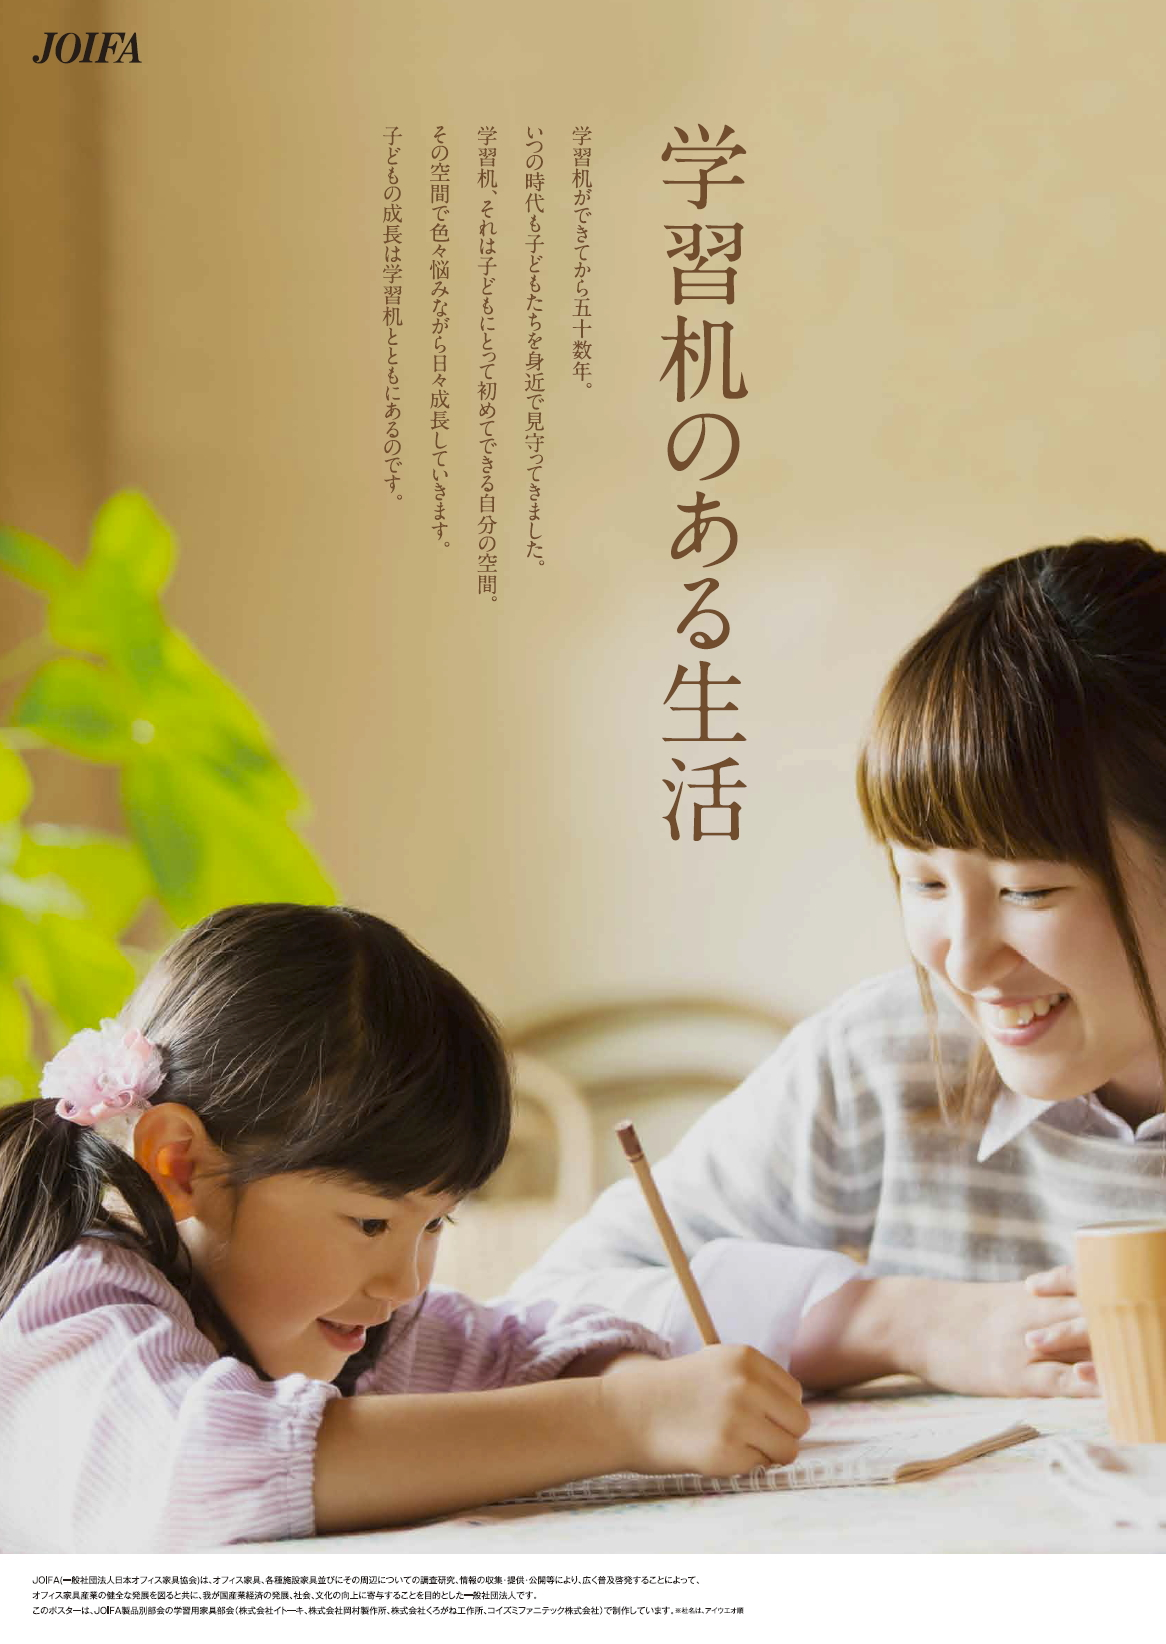 JOIFA「学習机のある生活」ポスター